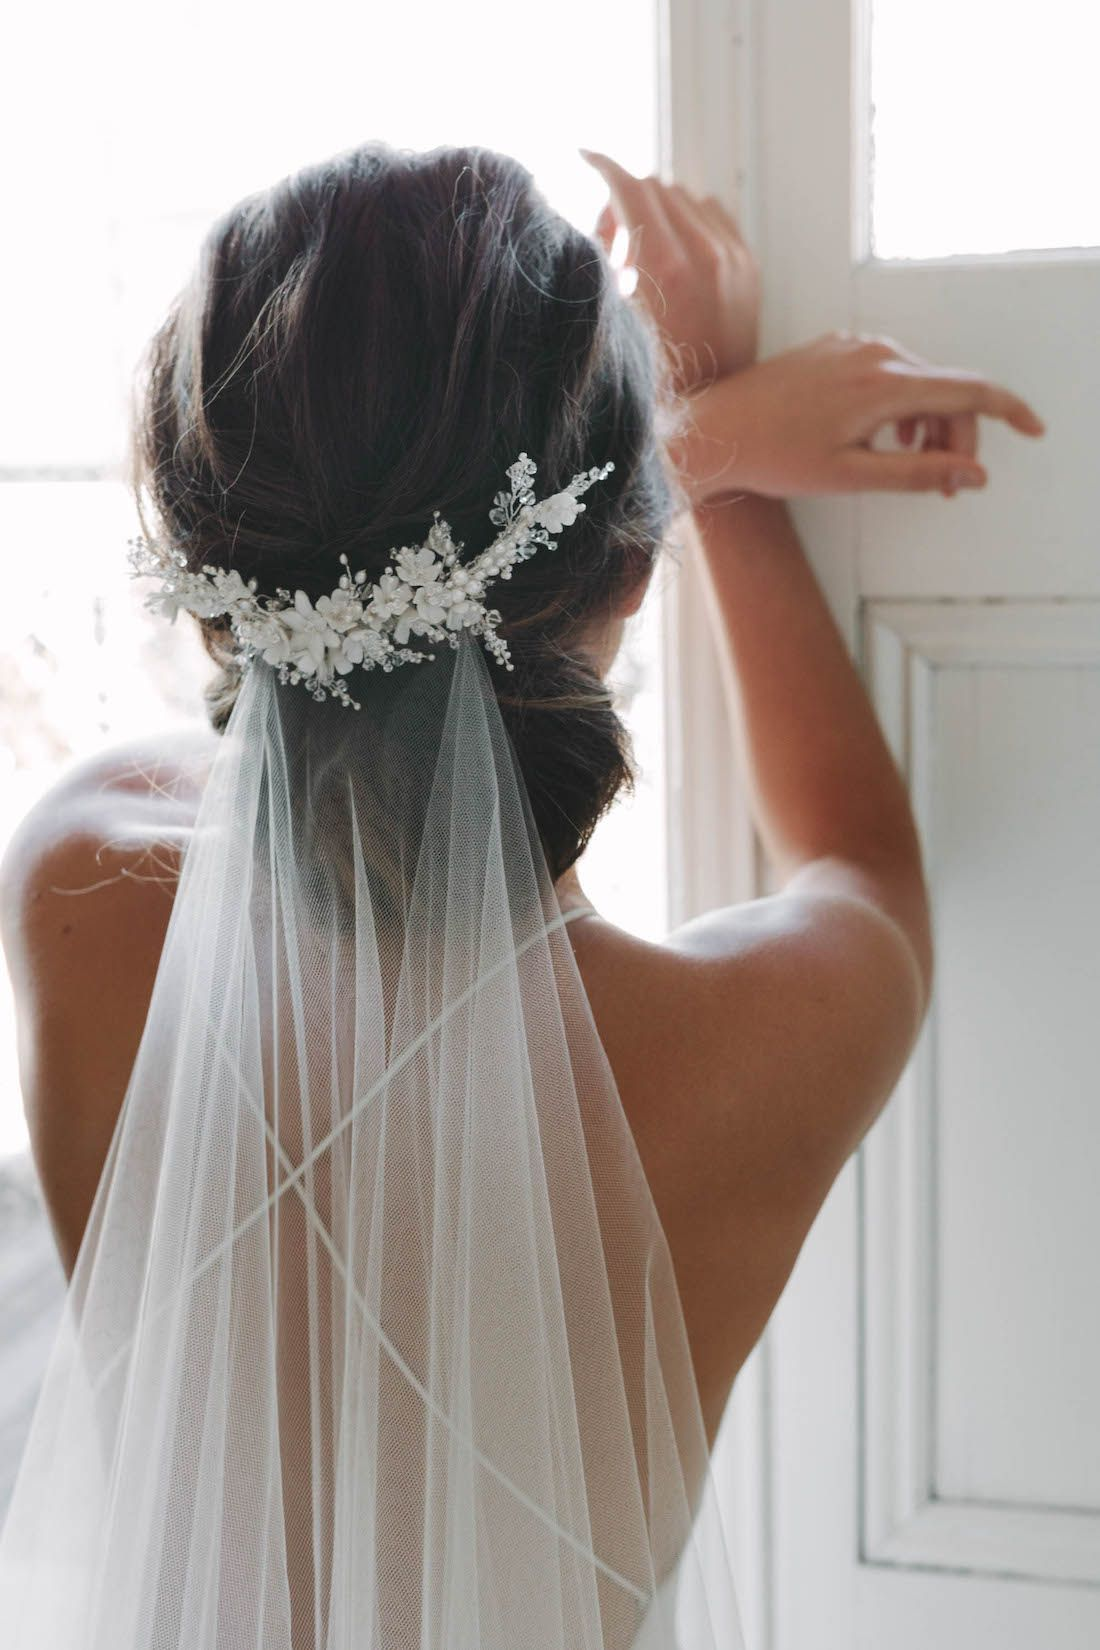 acessorios-para-cabelos09 Cabelos da noiva: acessório de cabeça